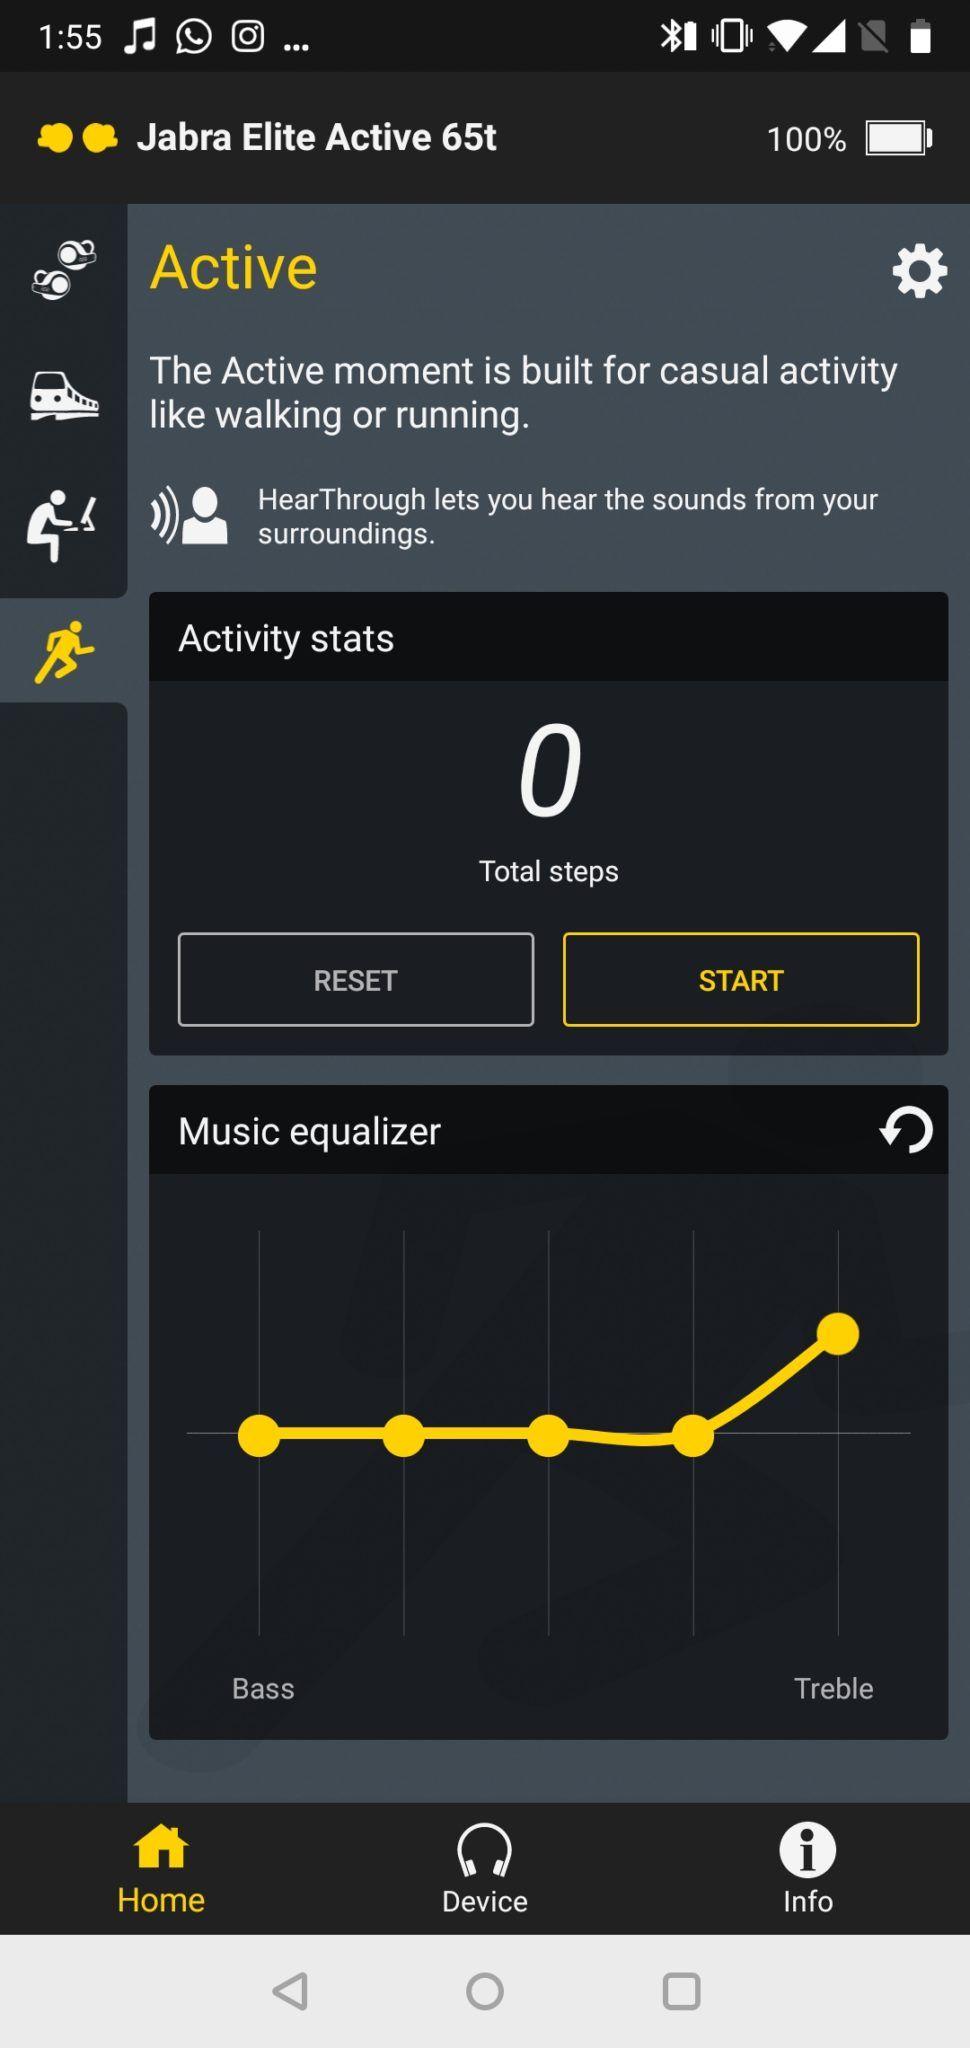 Jabra Elite 65t Active APP UI (3)